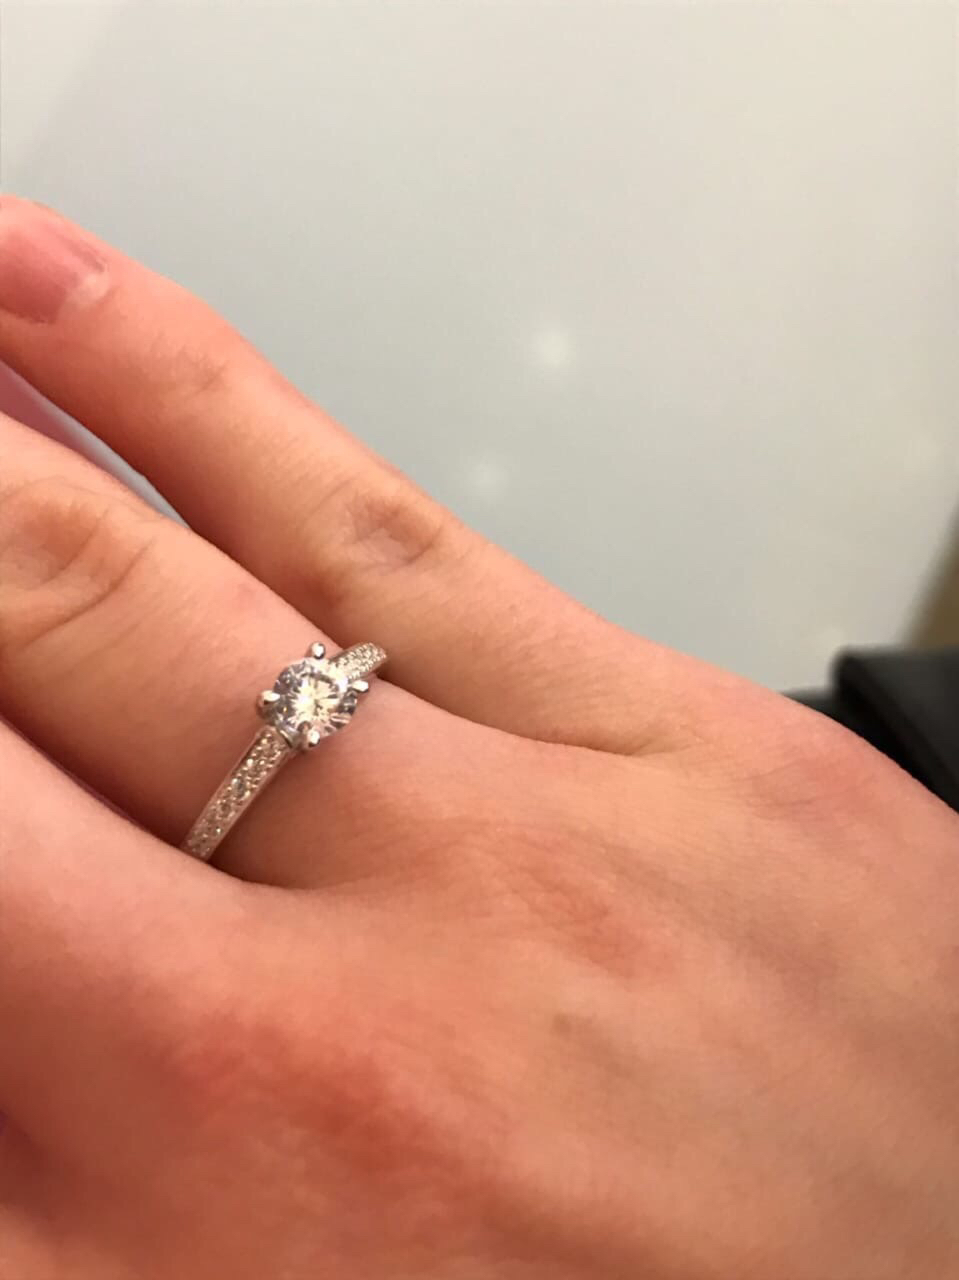 Кольцо хорошее и цена приятная! ношу почти 2 месяца состояние супер)спасибо